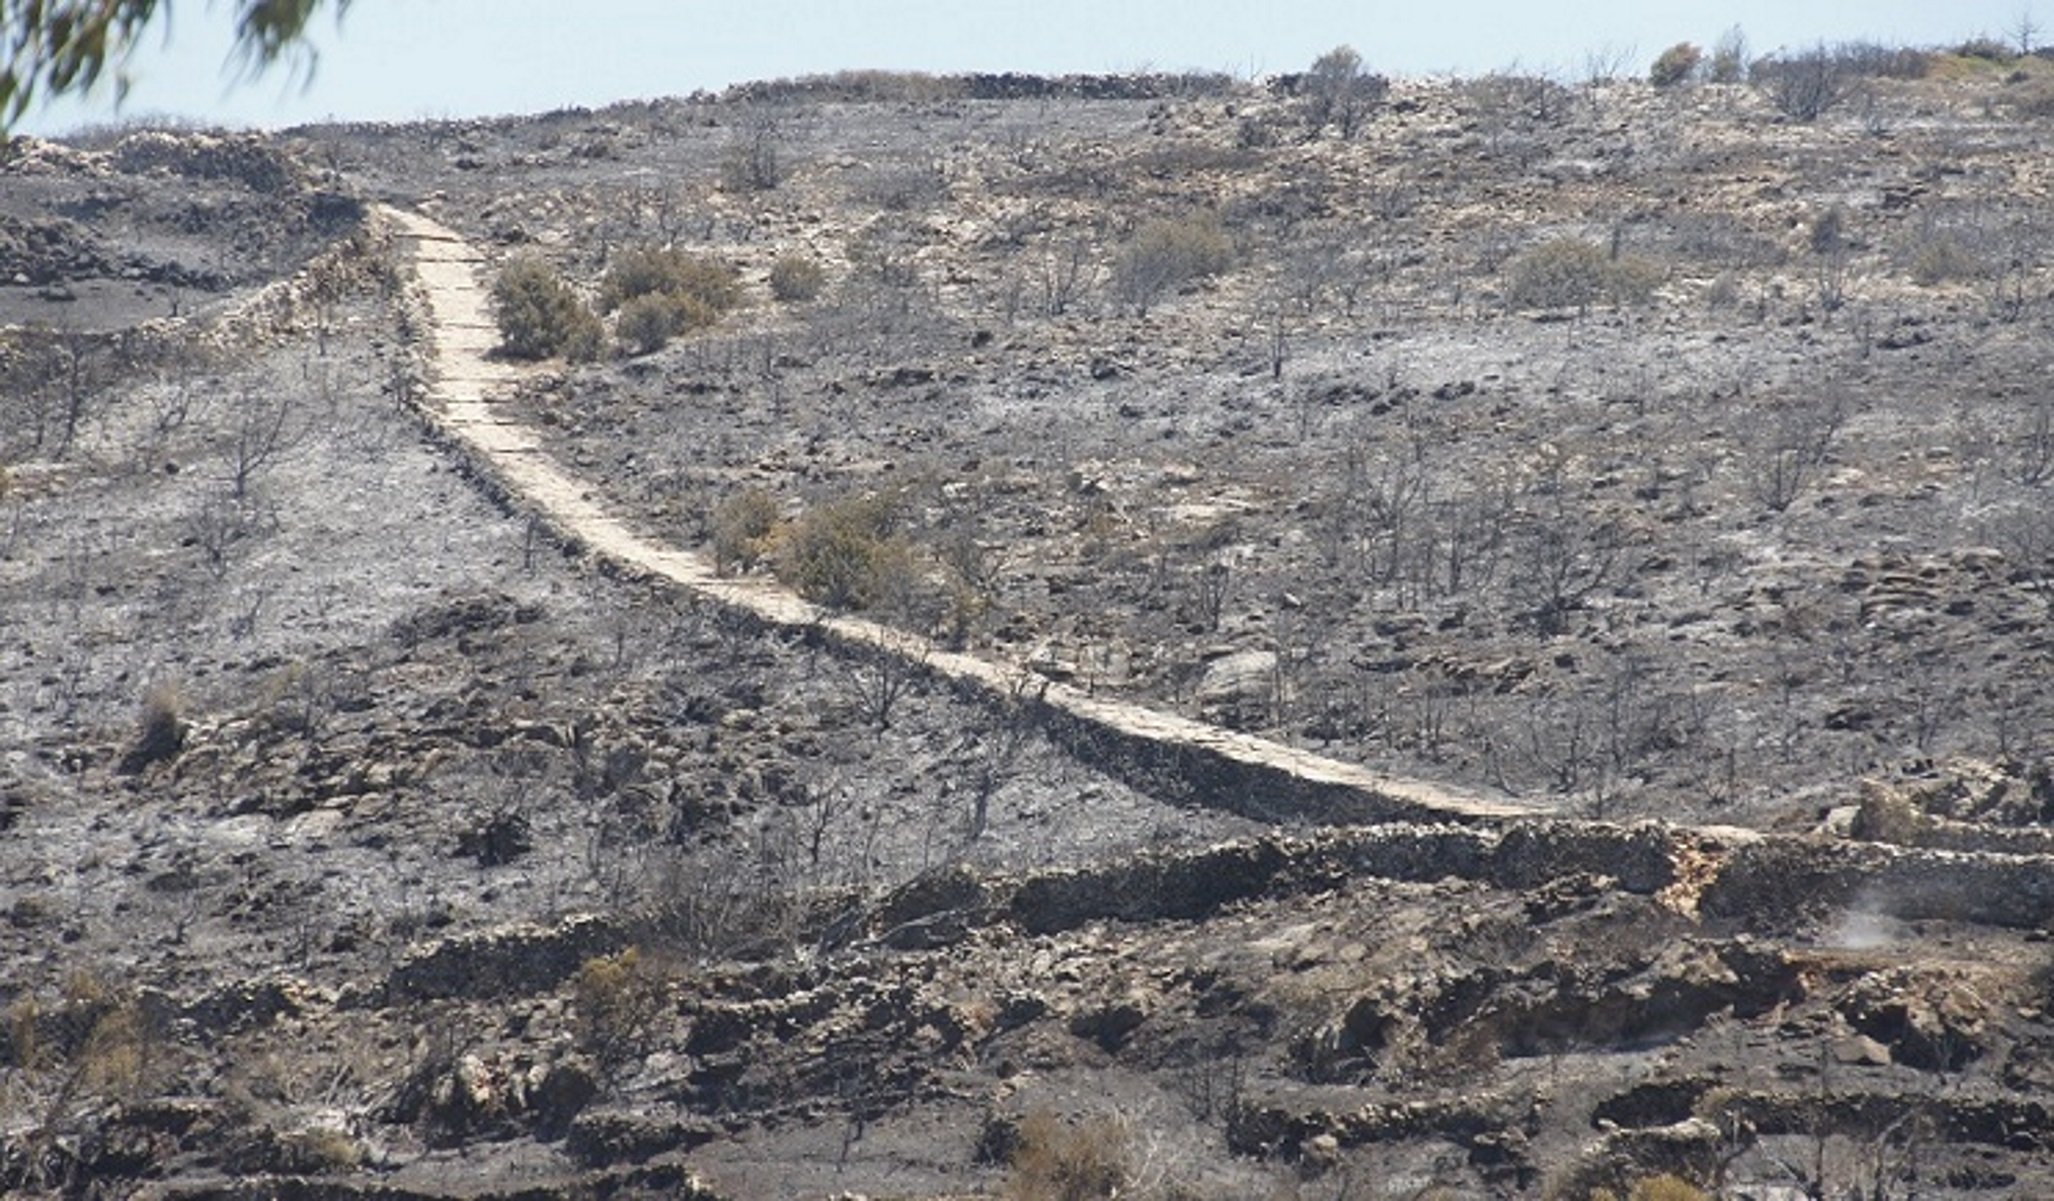 Φωτιά στην Πάρο: Κρανίου τόπος – Στάχτη και αποκαΐδια άφησε η πύρινη λαίλαπα (video)